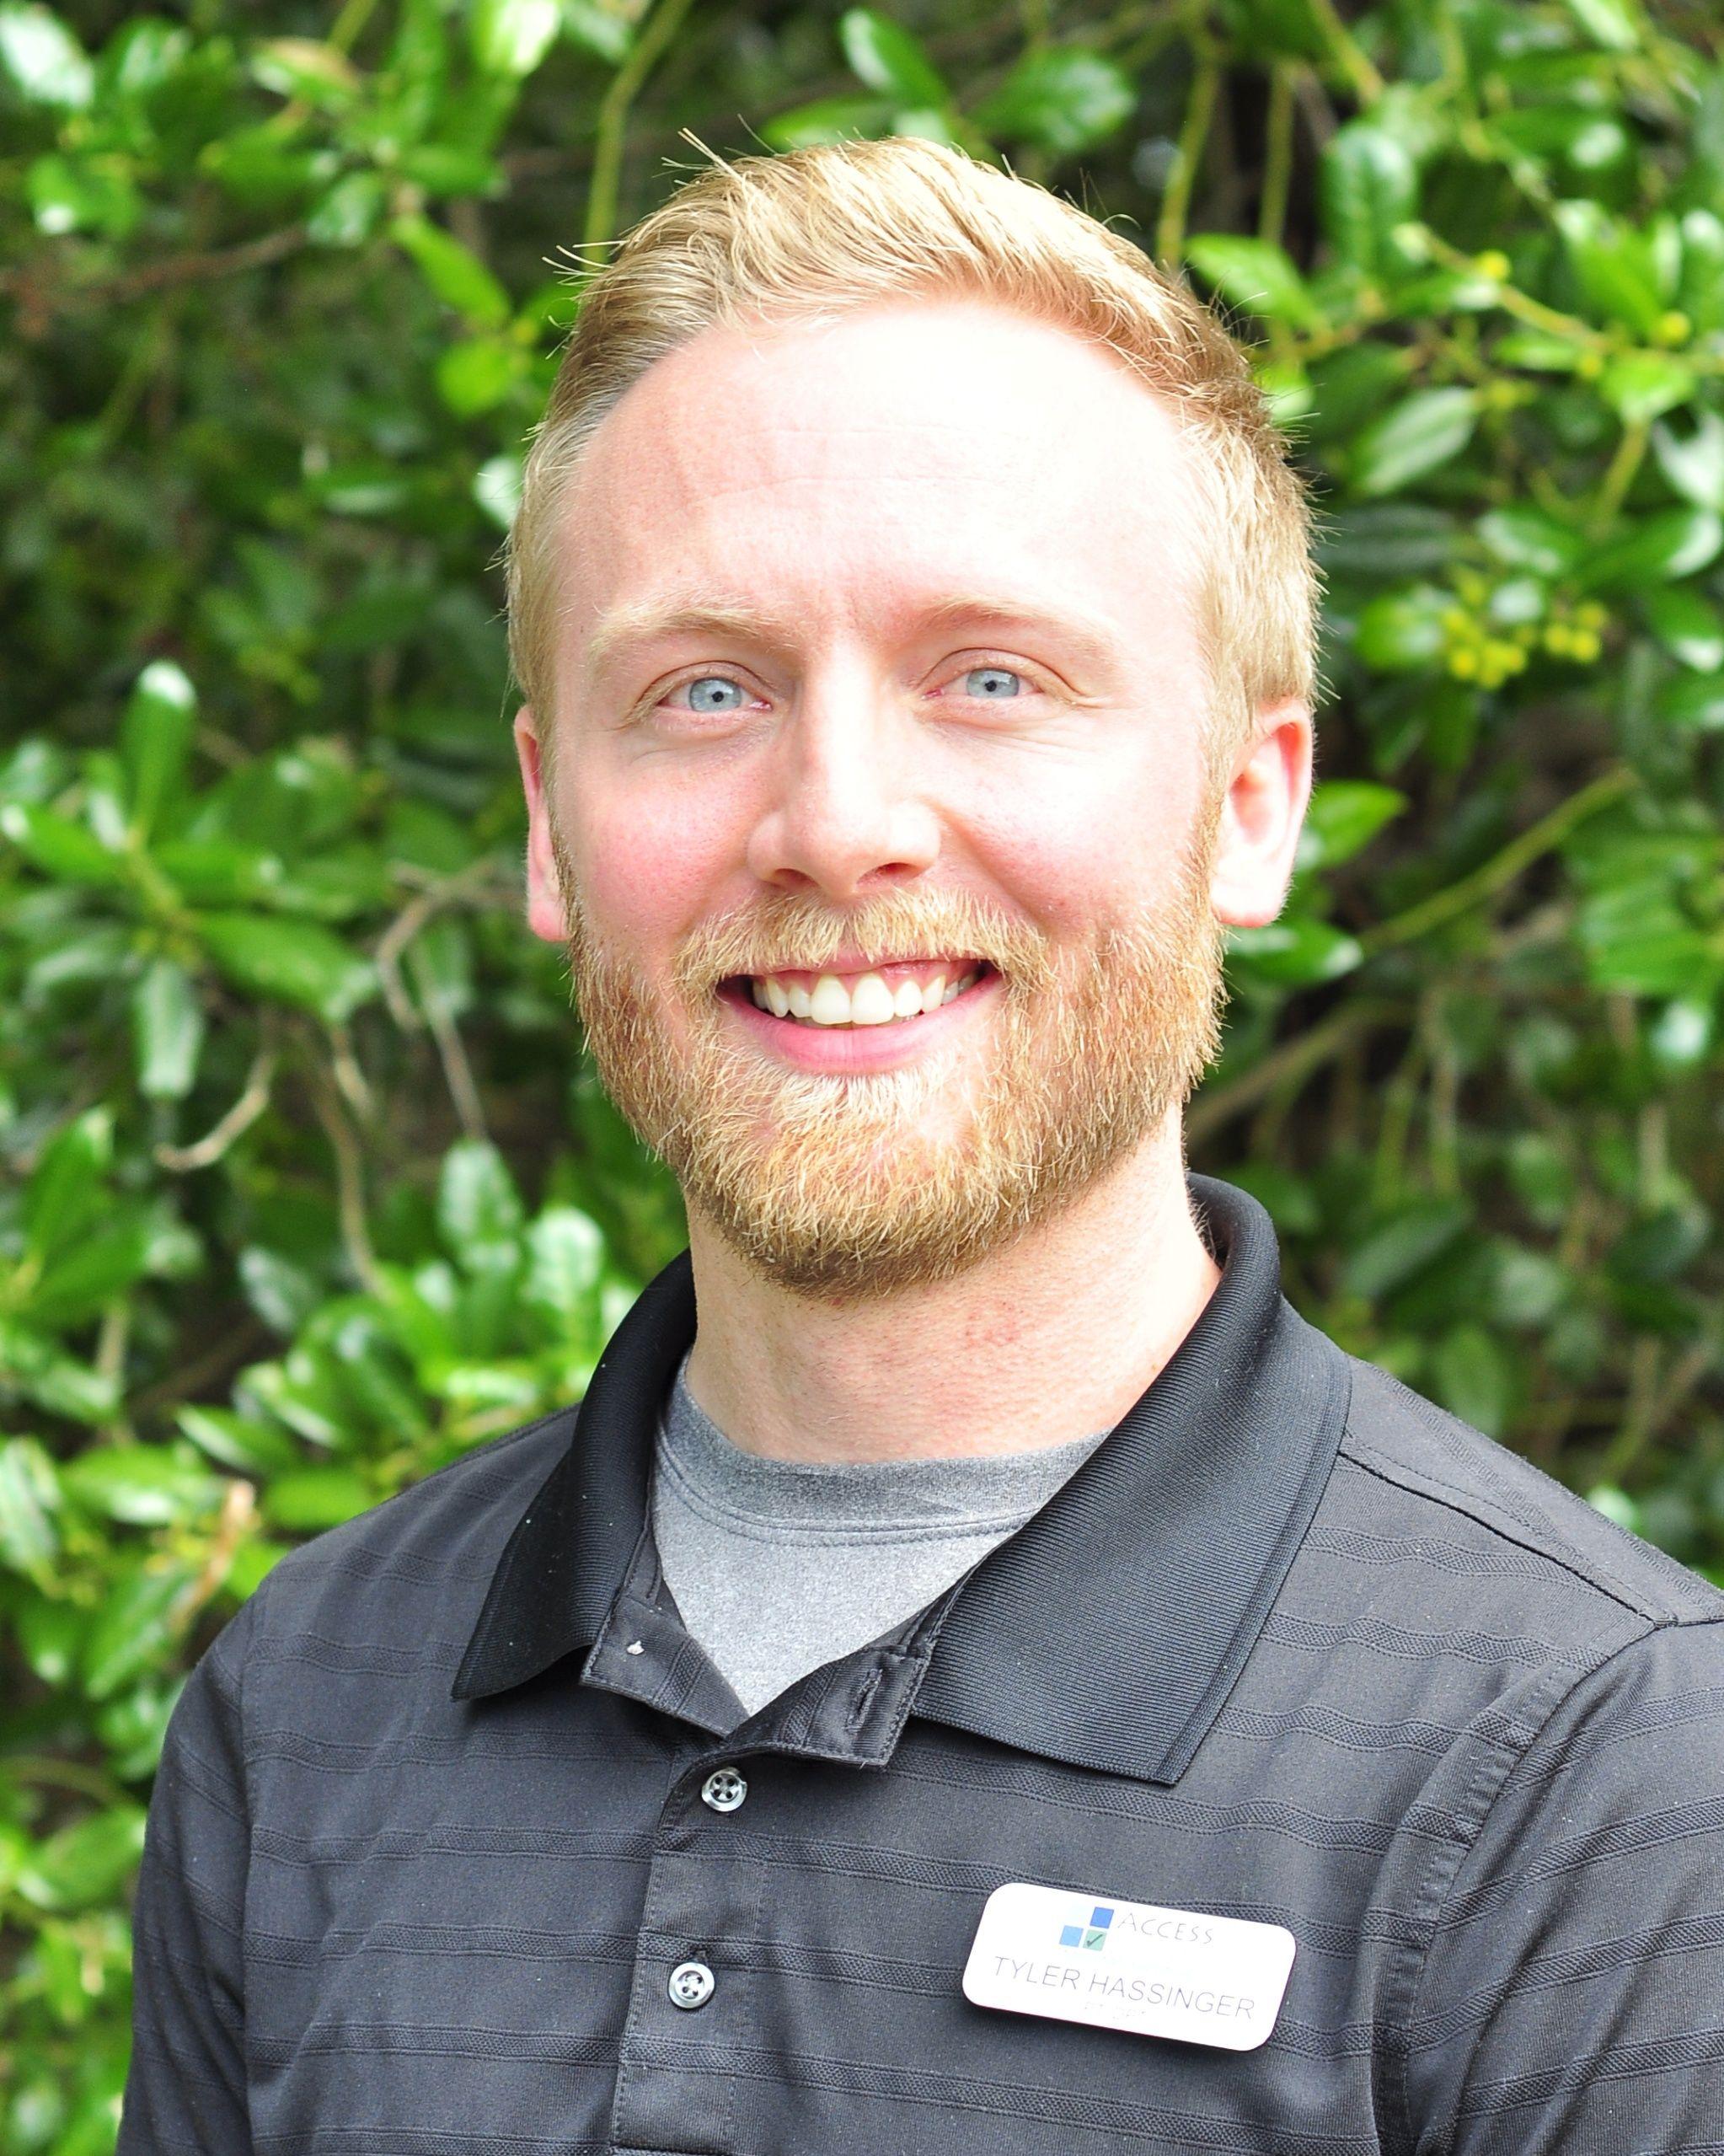 Tyler Hassinger, PT, DPT